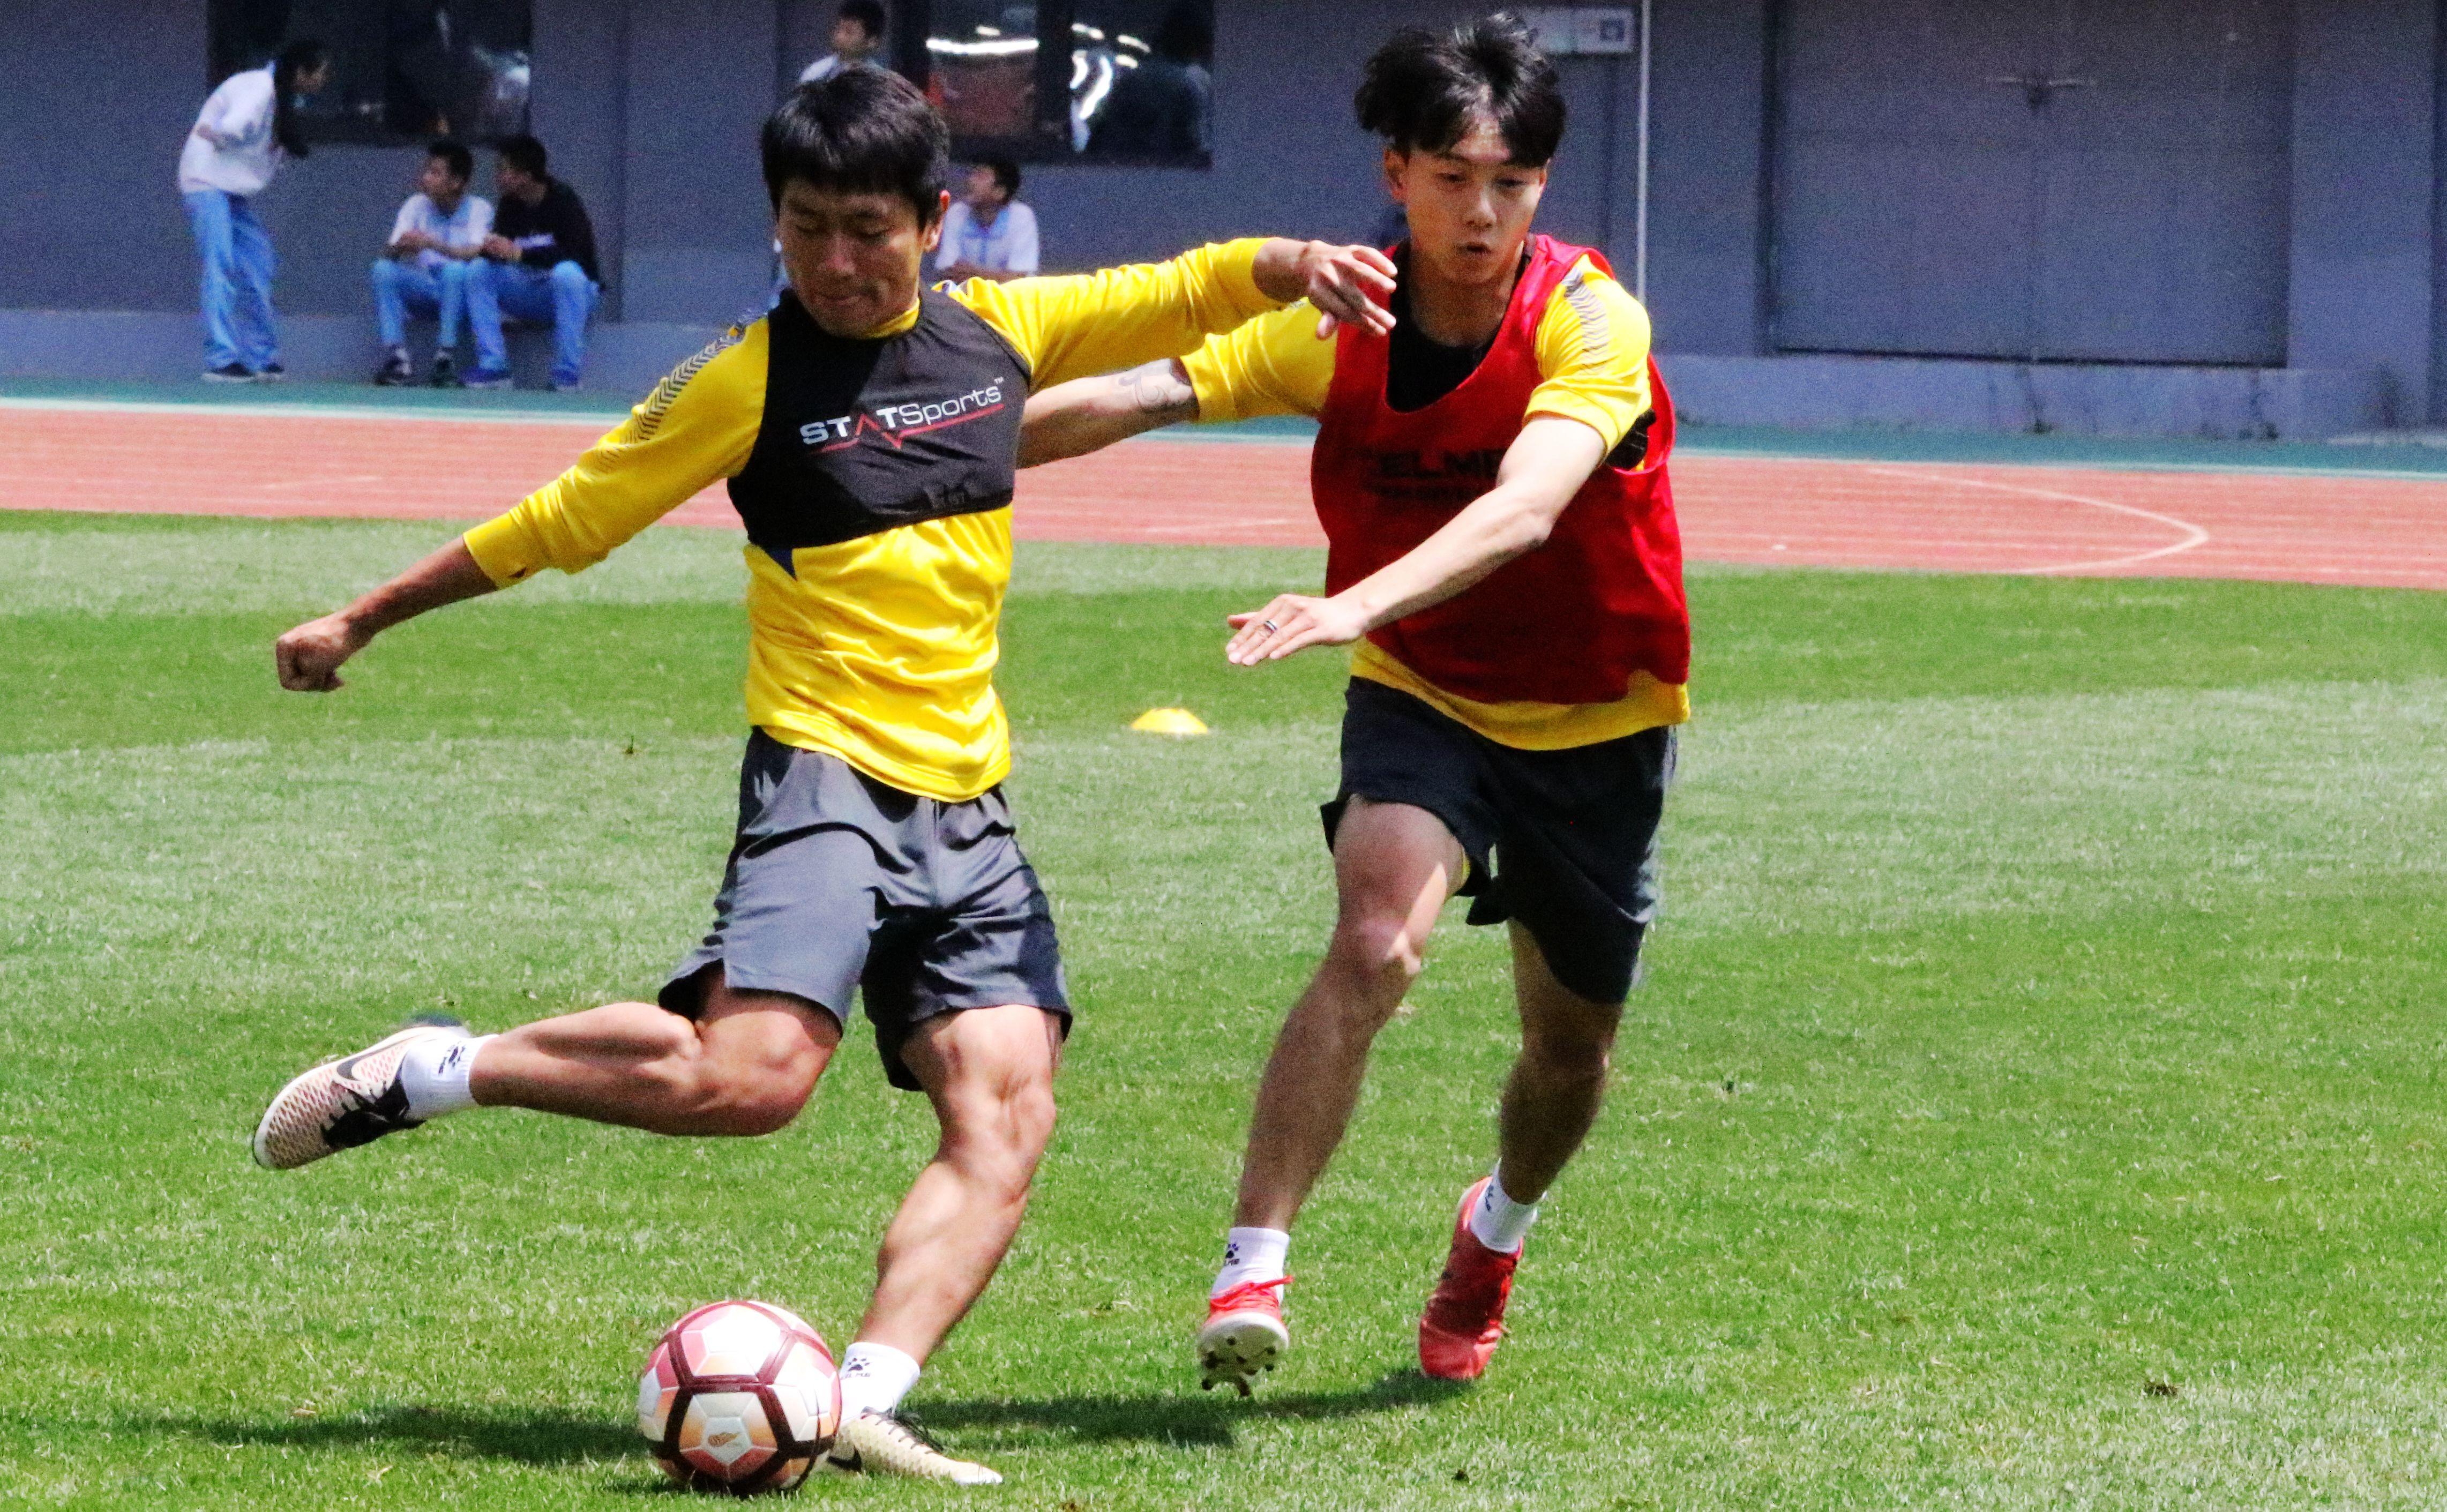 青岛黄海足球队在自己的主场进行了赛